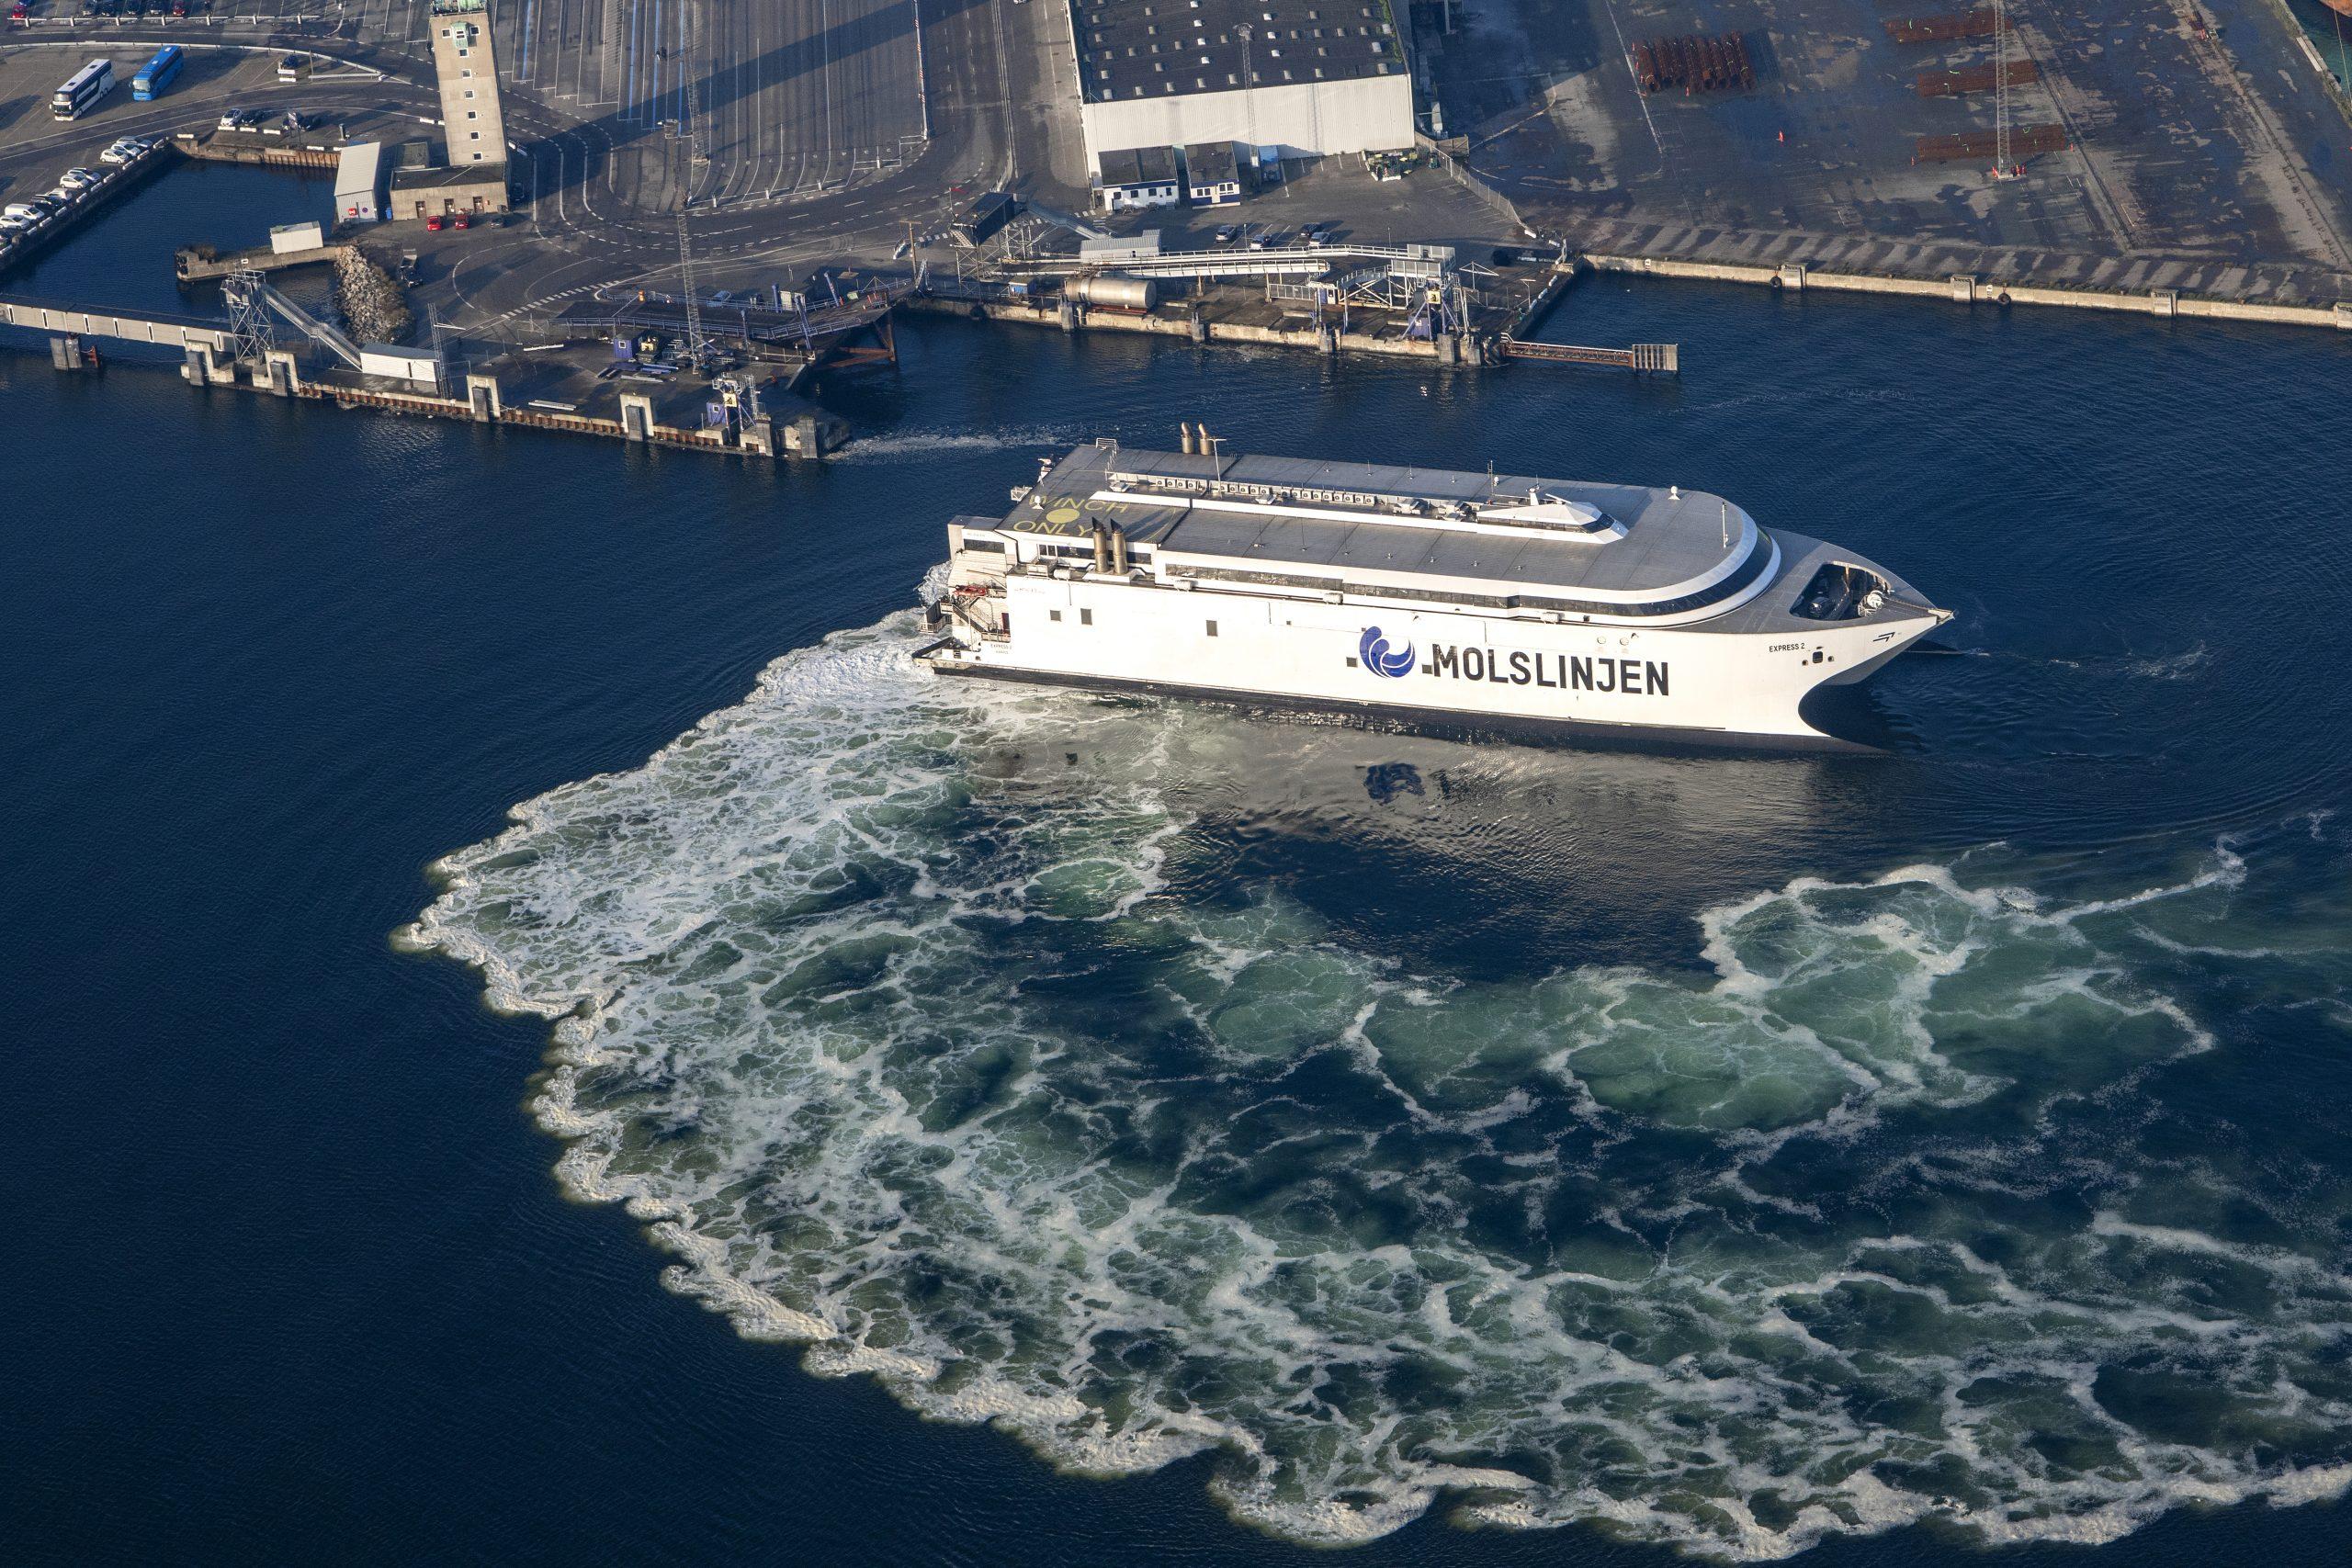 Molslinjen i Aarhus Havn. Molslinjen har planlagt at sejle 7.964 afgange i år mellem Sjælland og Jylland. PR-foto.